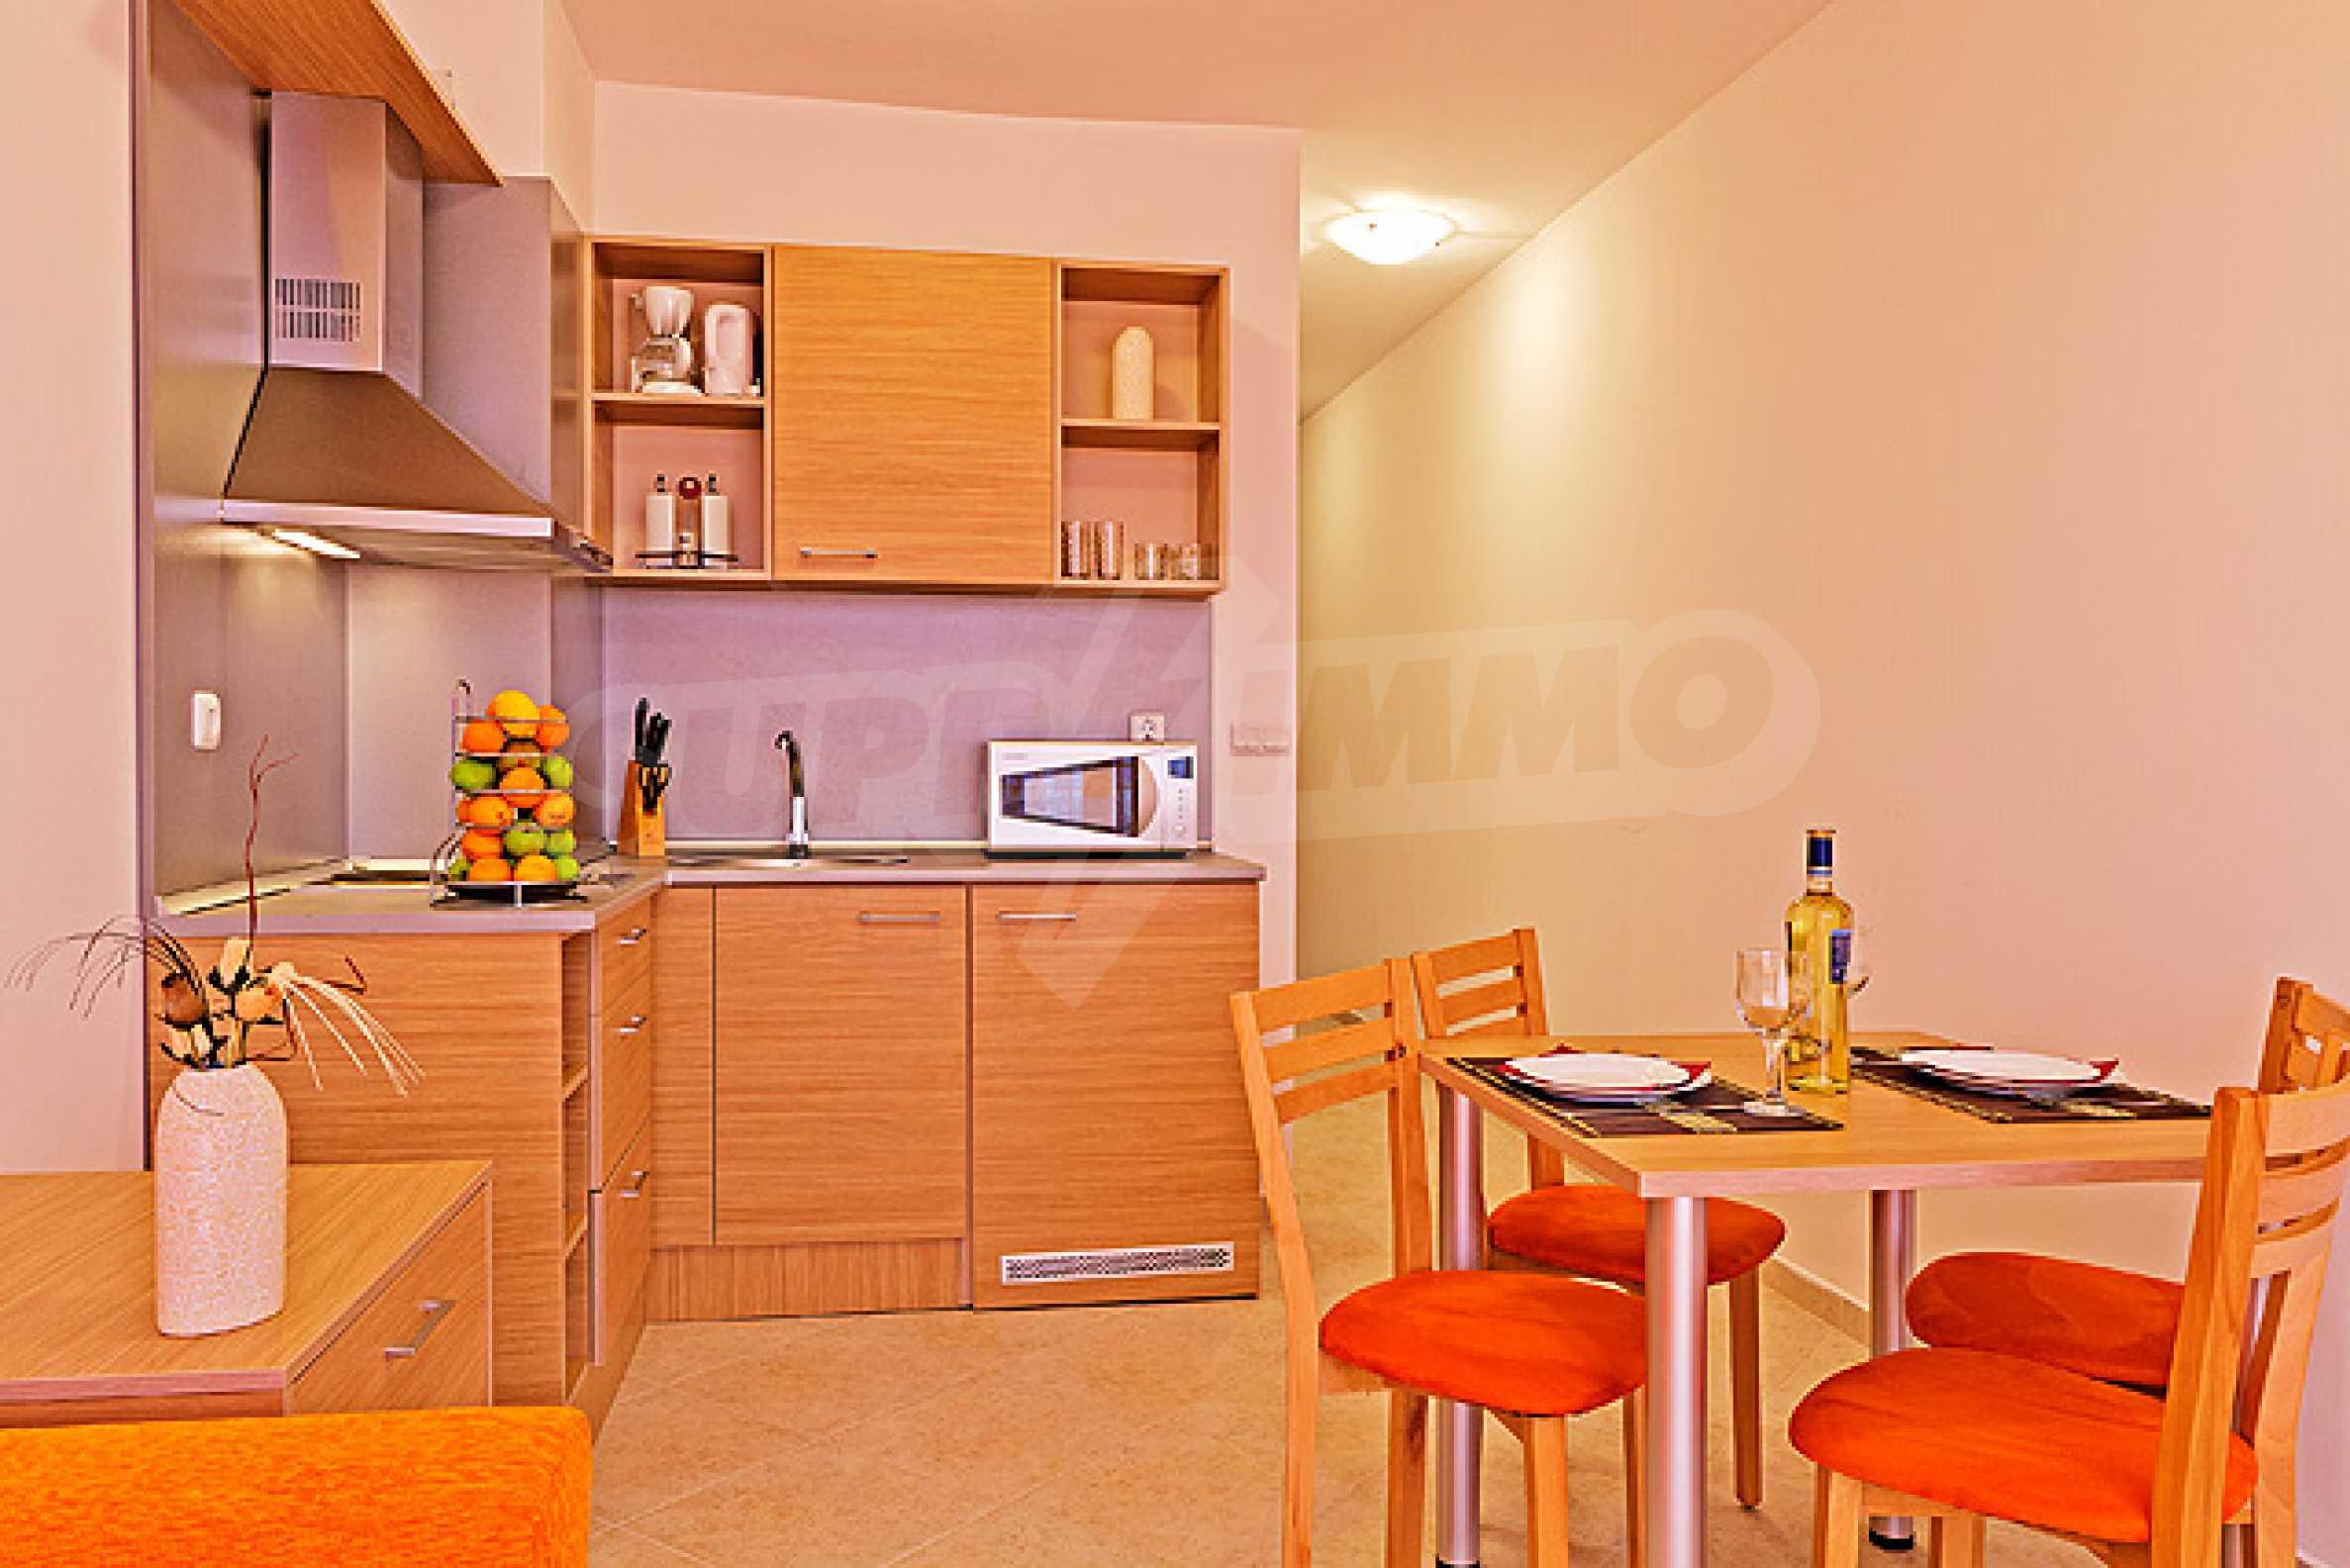 Sunset Kosharitsa - Apartments in einem attraktiven Berg- und Seekomplex, 5 Autominuten vom Sonnenstrand entfernt 17